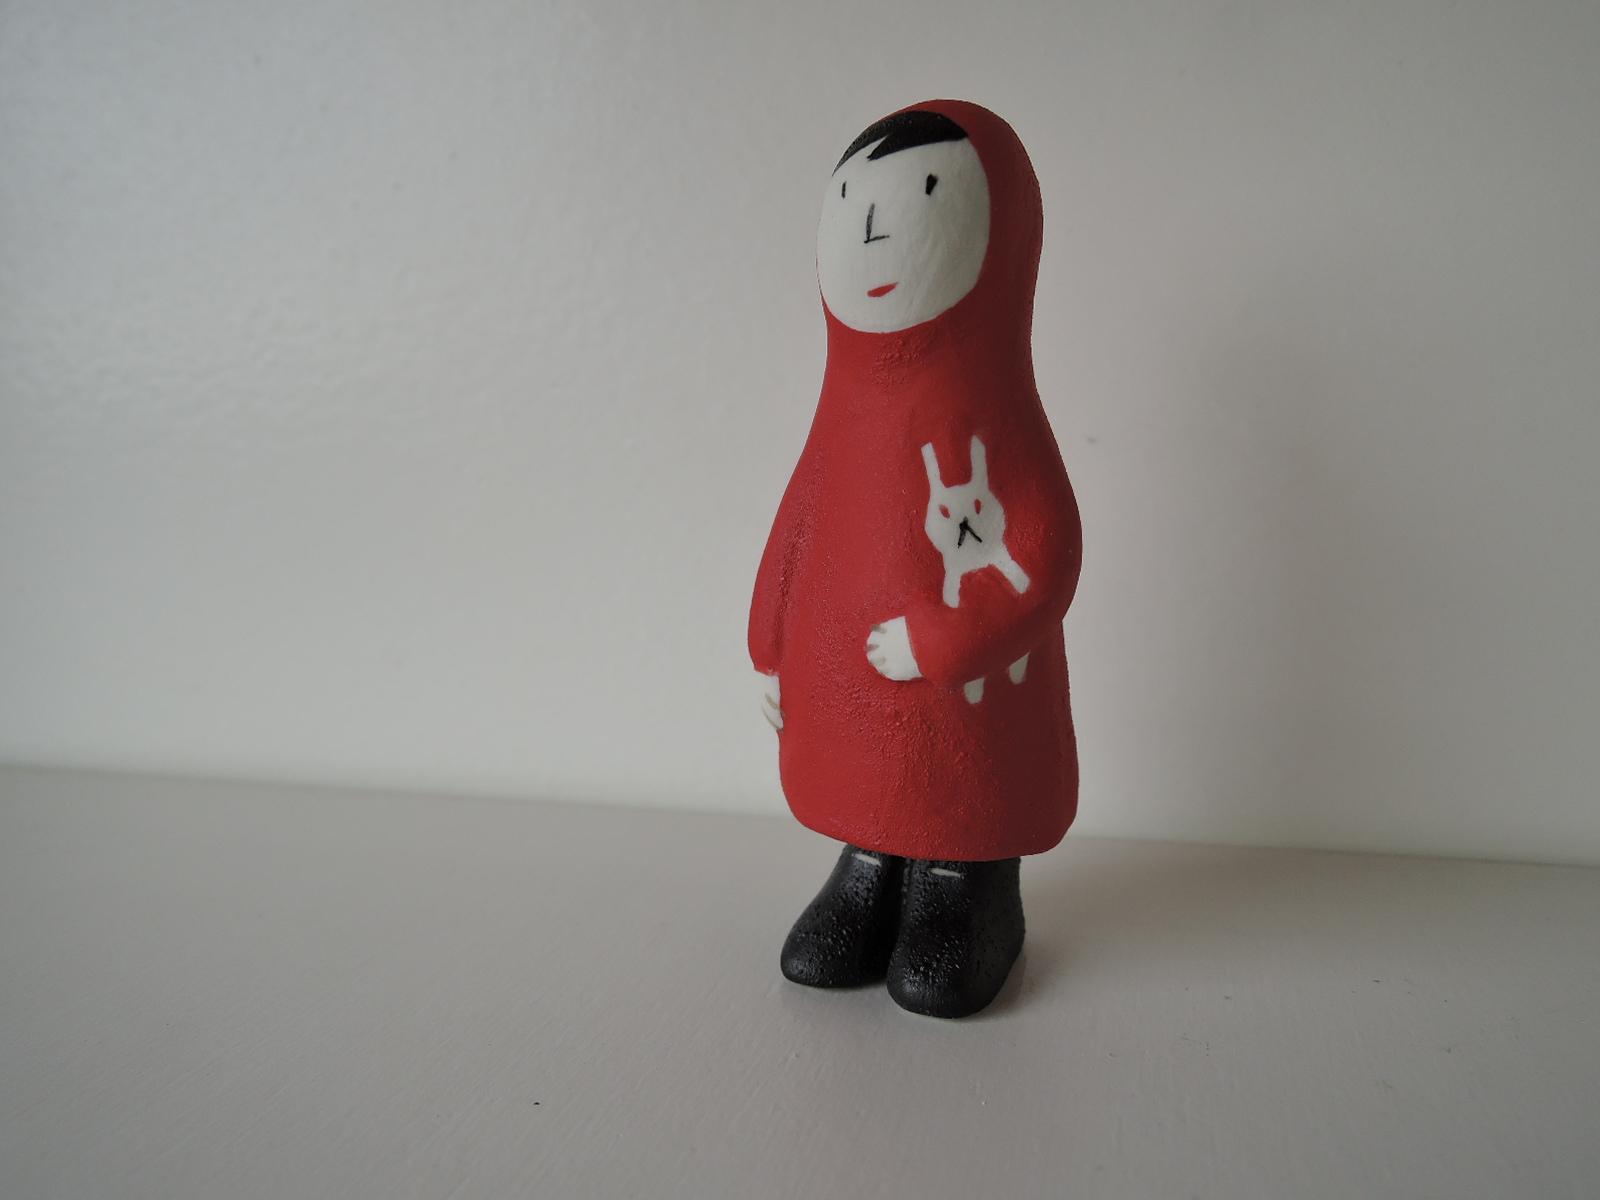 小堤晶子さんの陶器人形 赤いカッパの少女